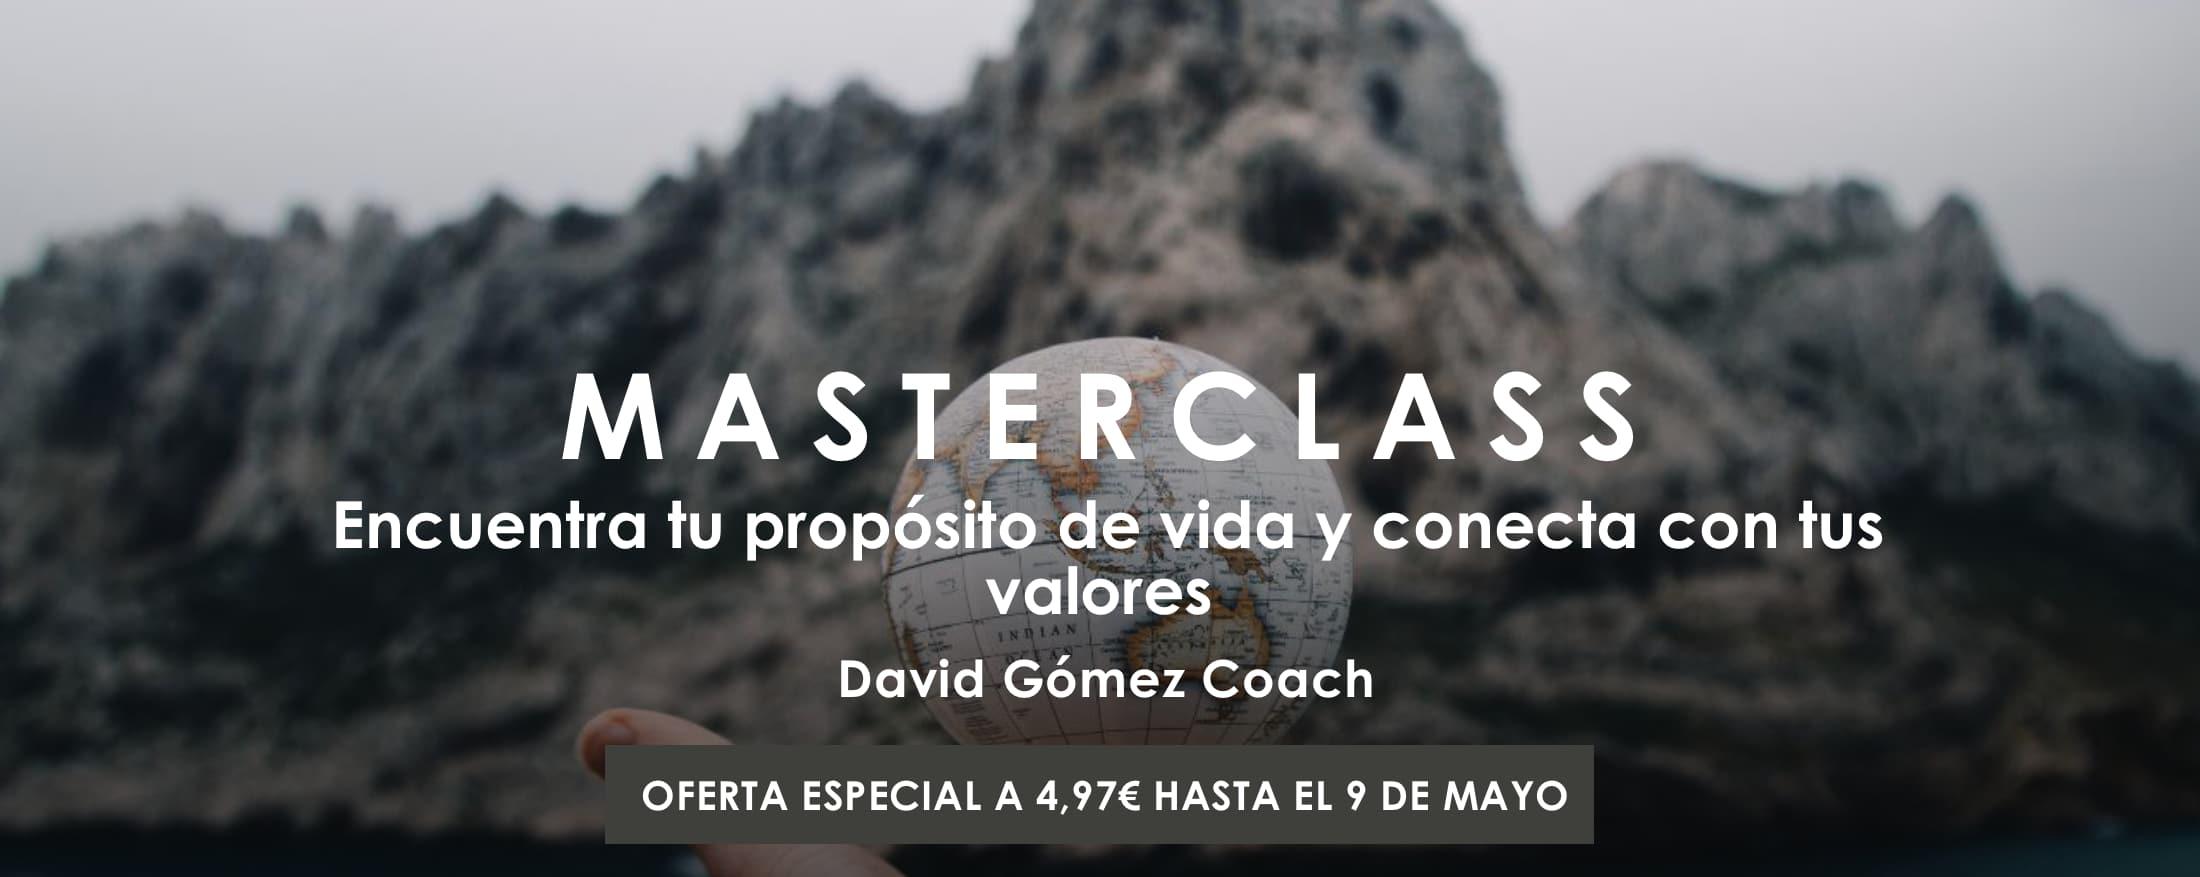 Masterclass Encuentra tu propósito y conecta con tus valores